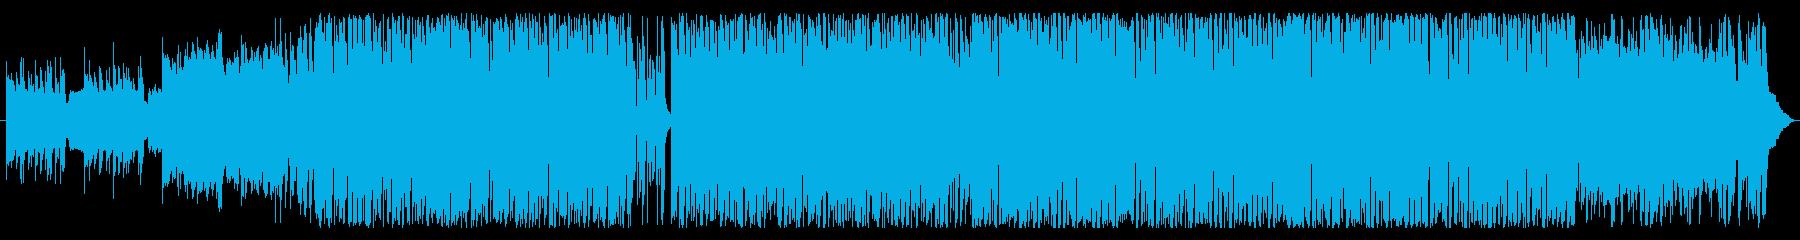 少しレトロなGame風BGmの再生済みの波形